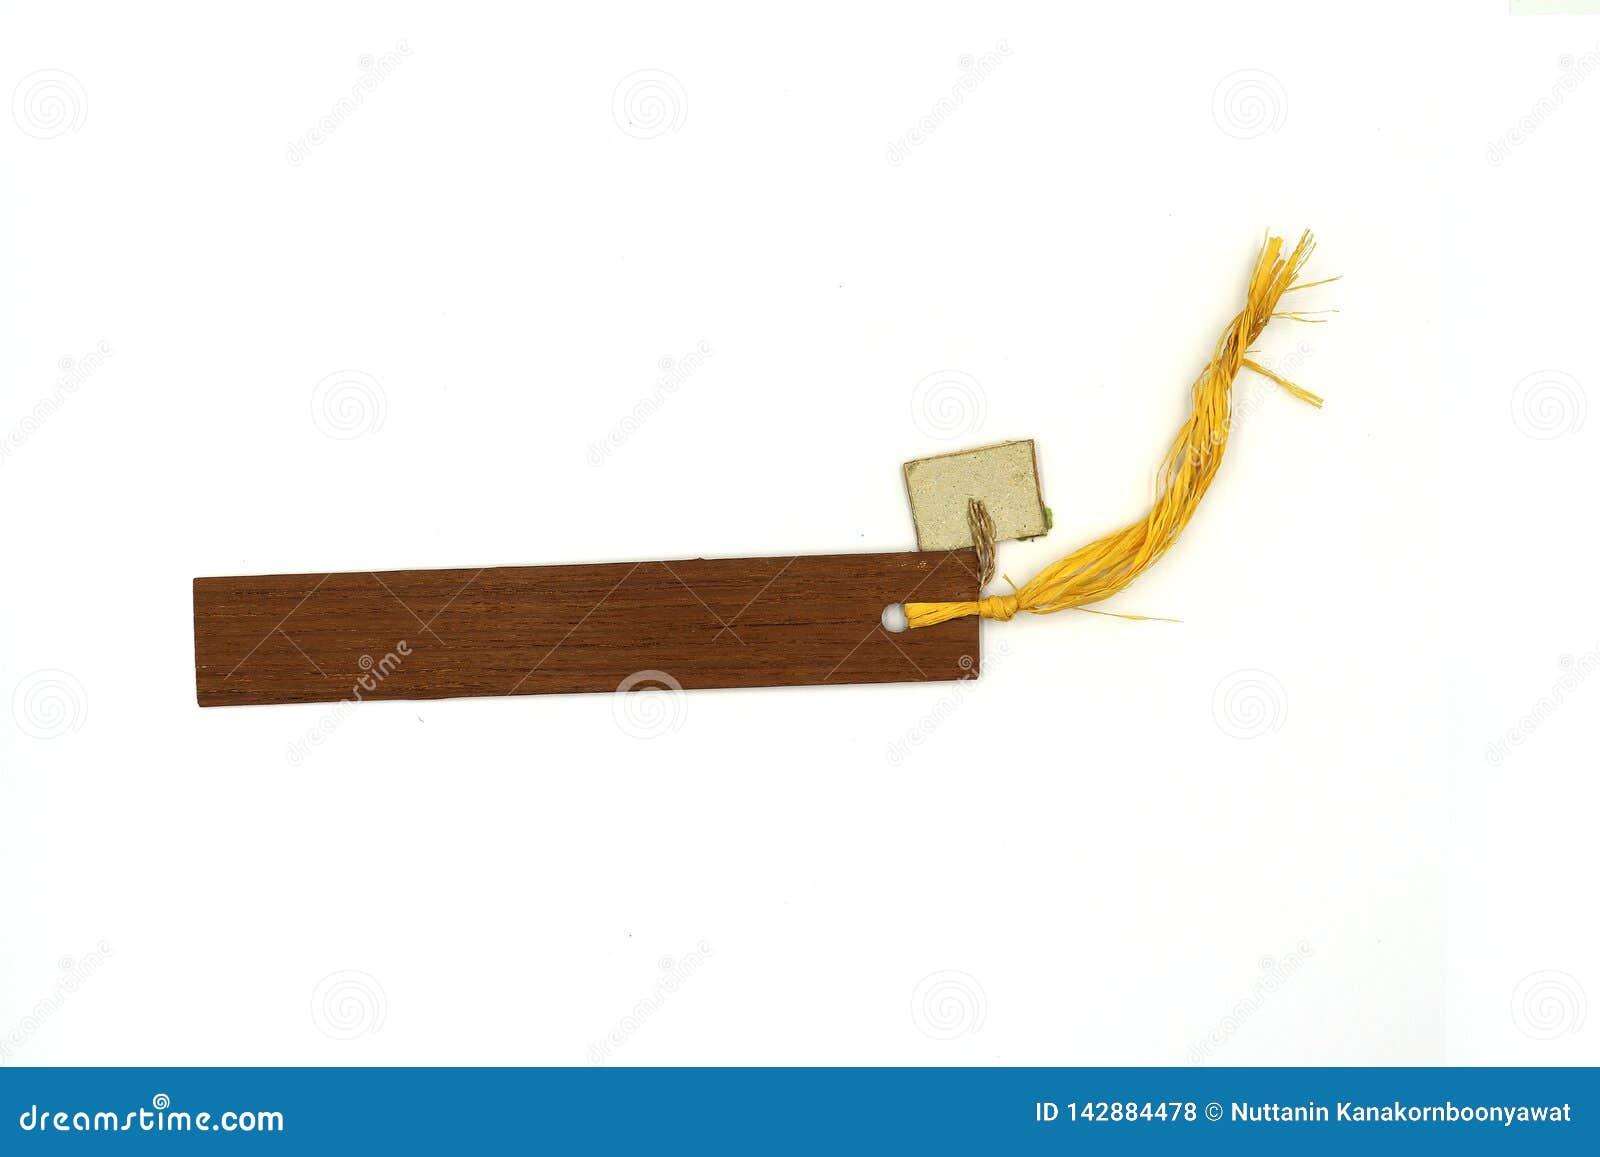 Αγροτική ξύλινη ετικέττα με το λεπτό σχοινί, ξύλινο σημάδι βιβλίων που απομονώνεται στο άσπρο υπόβαθρο